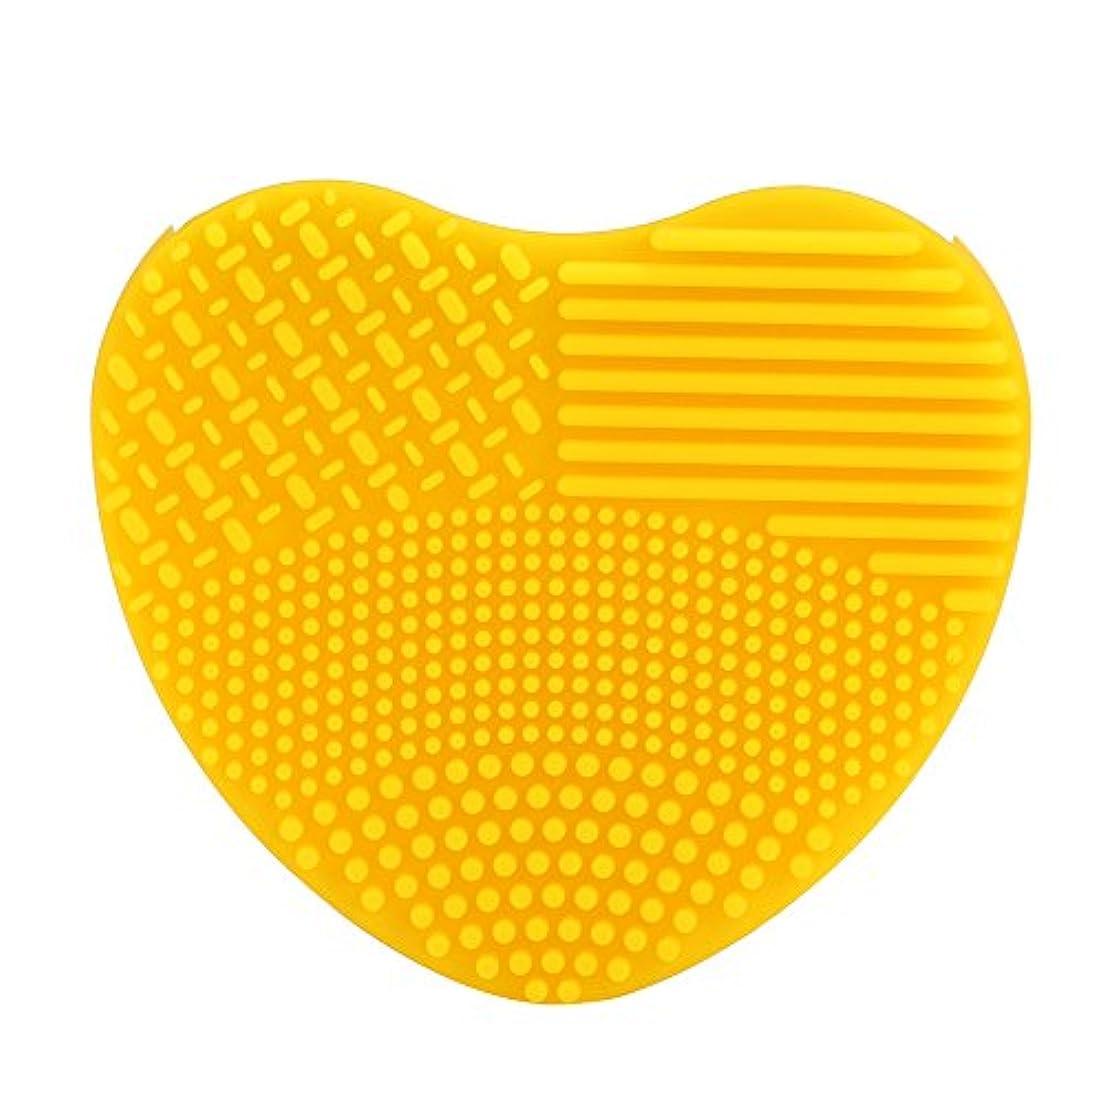 国籍相対性理論夕暮れシリコーン YOKINO 洗濯板 ポータブル メイクブラシクリーナー 旅行 や 外泊 の 必需品 化粧ブラシクリーナー 洗浄ブラシ 清掃ブラシ (G)